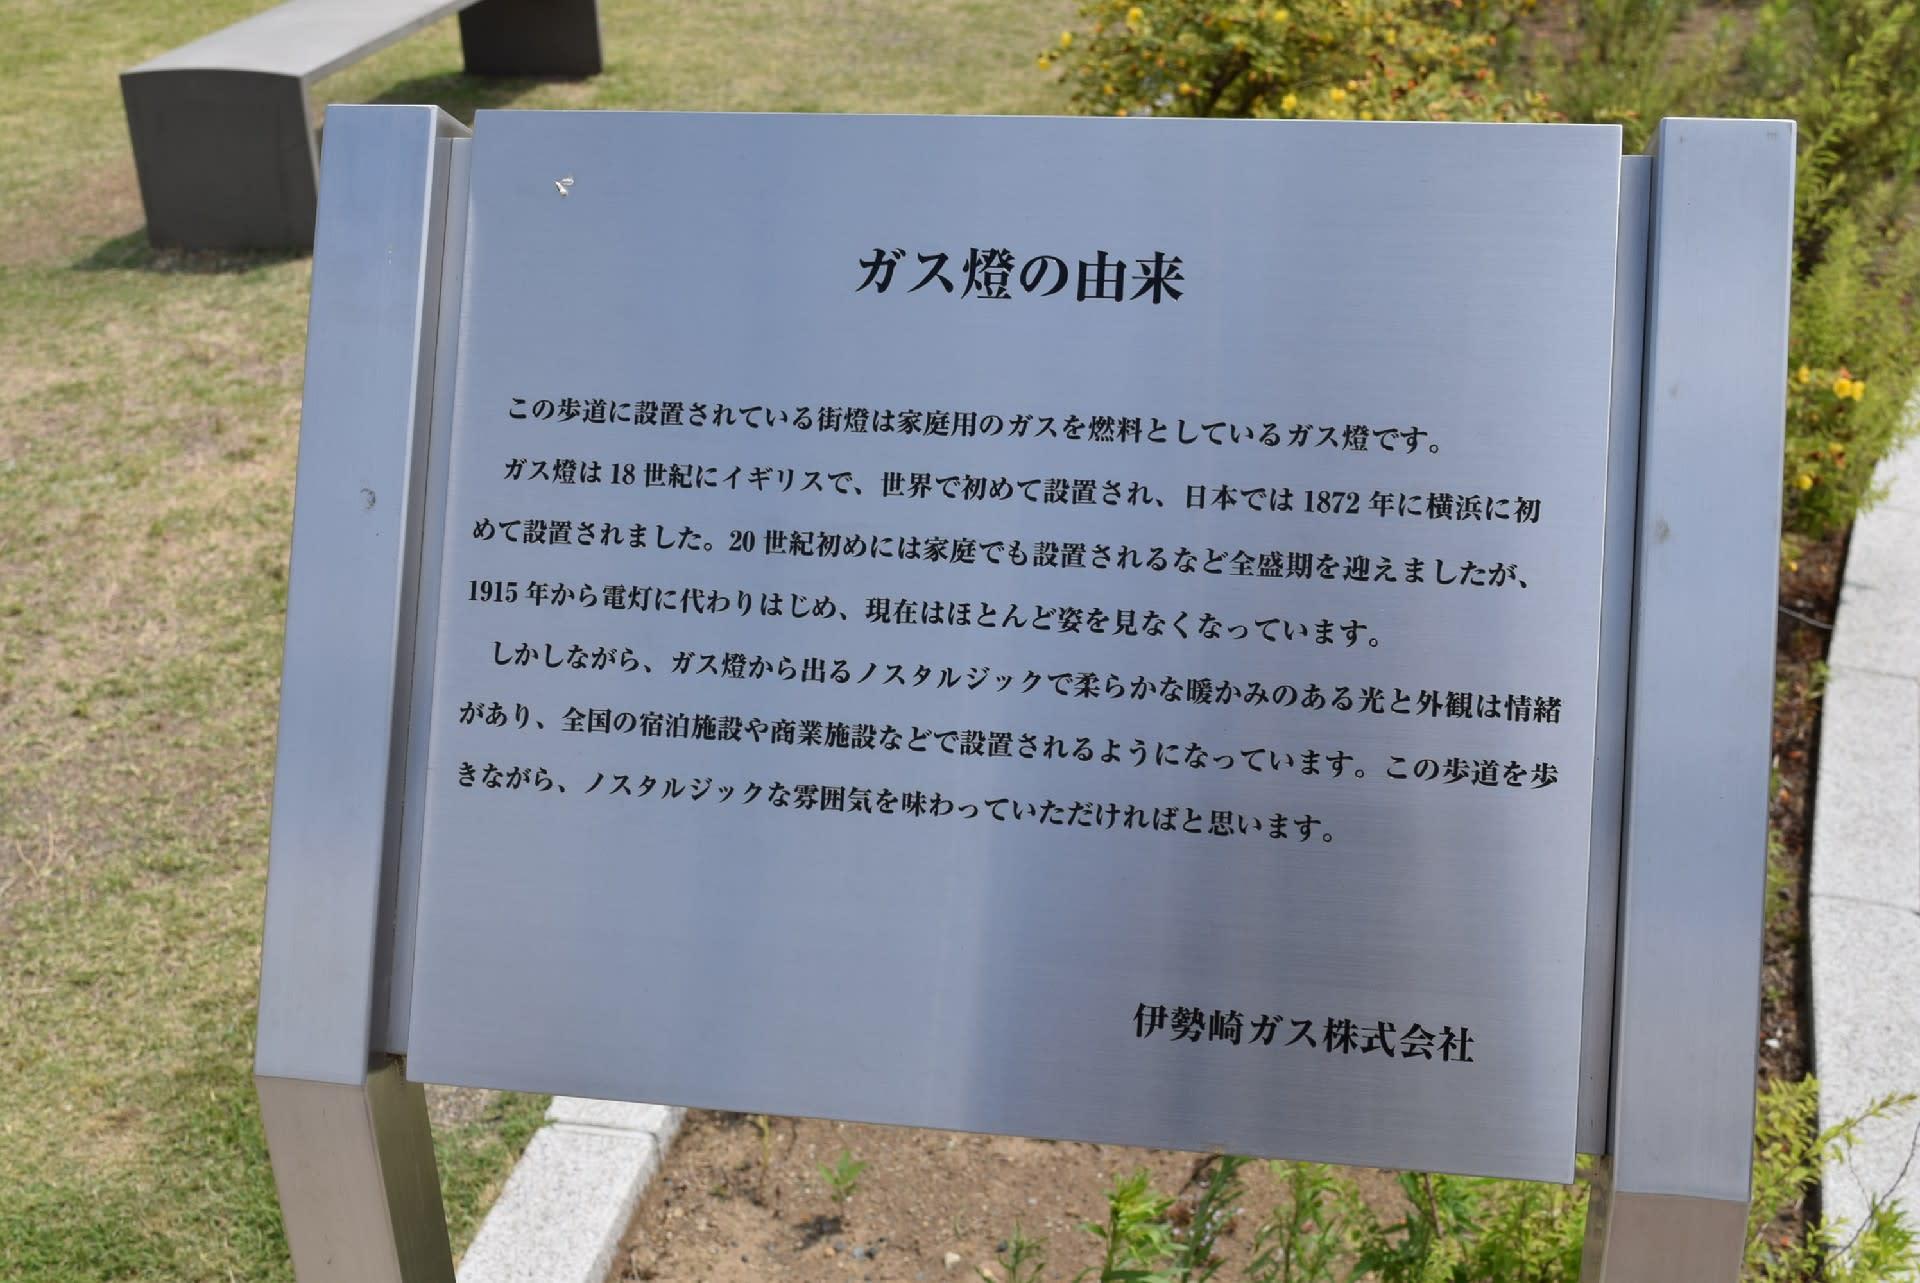 上野国・古城の旅 伊勢崎藩酒井...